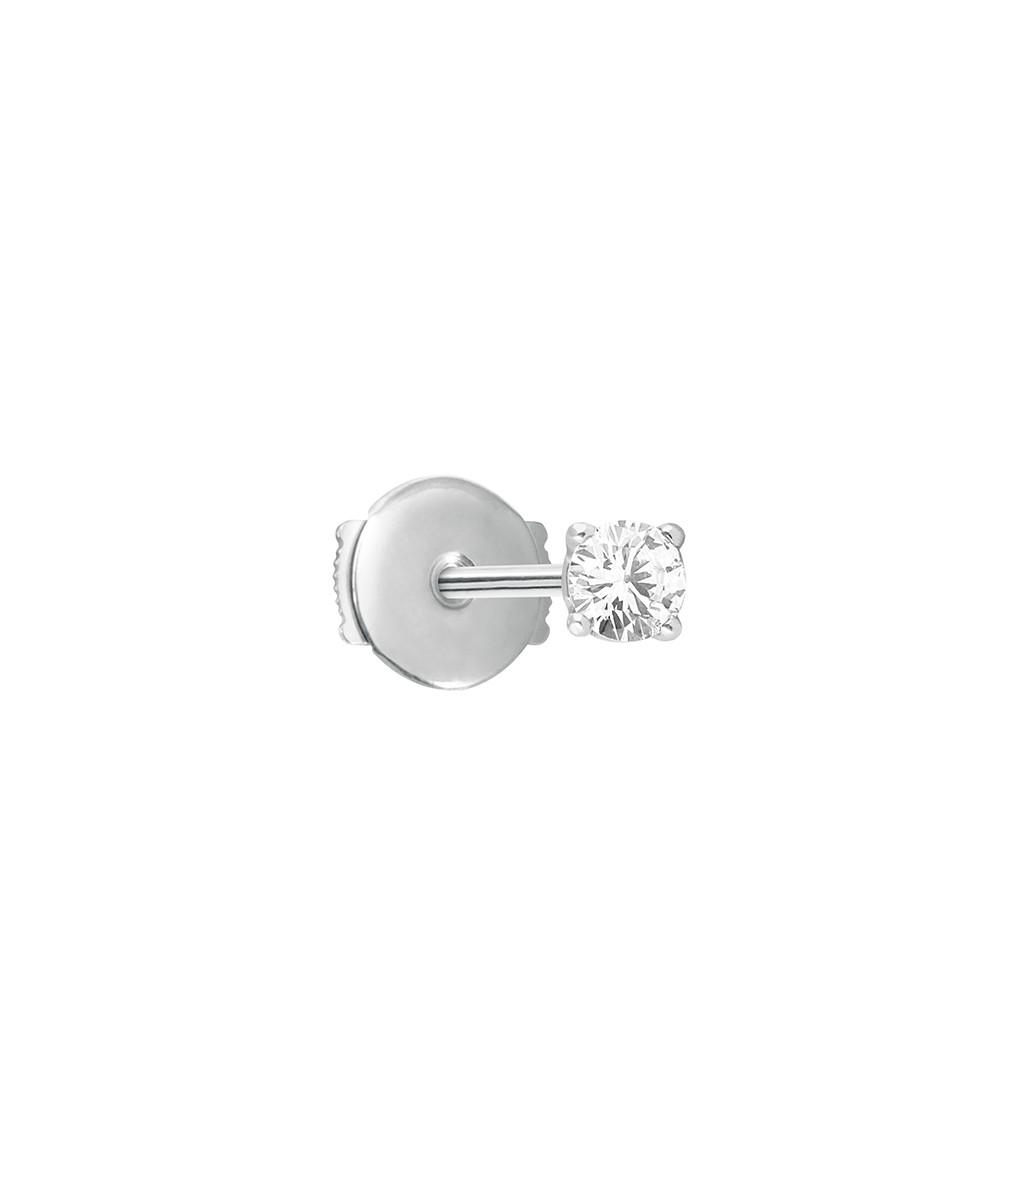 VANRYCKE - Boucle d'oreille Valentine Puce Or Blanc Diamant (vendue à l'unité)